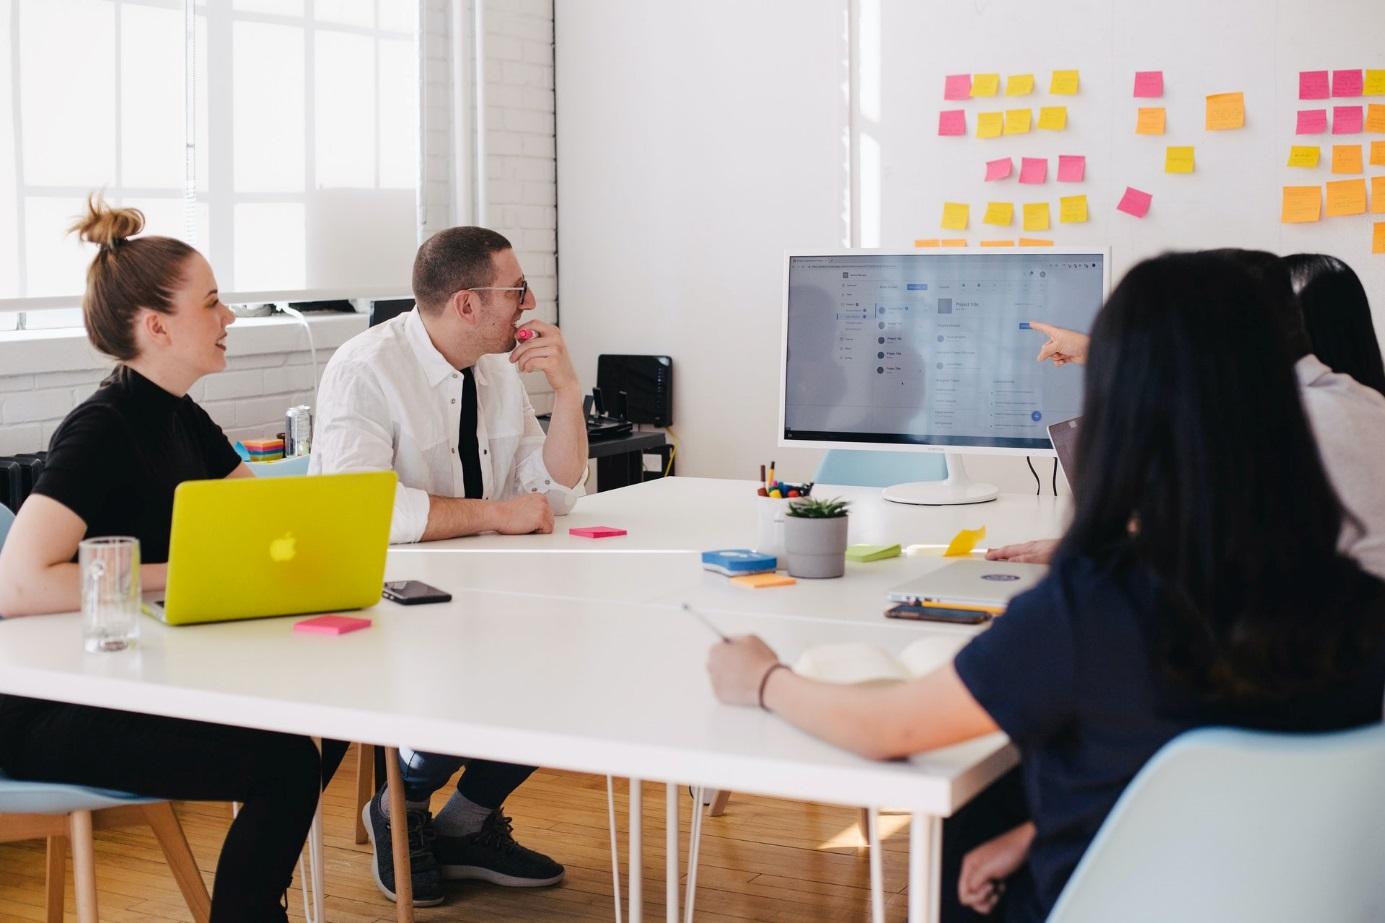 Jak działa Google Jamboard i jak może usprawnić działanie Twojej firmy? - Zdjęcie główne